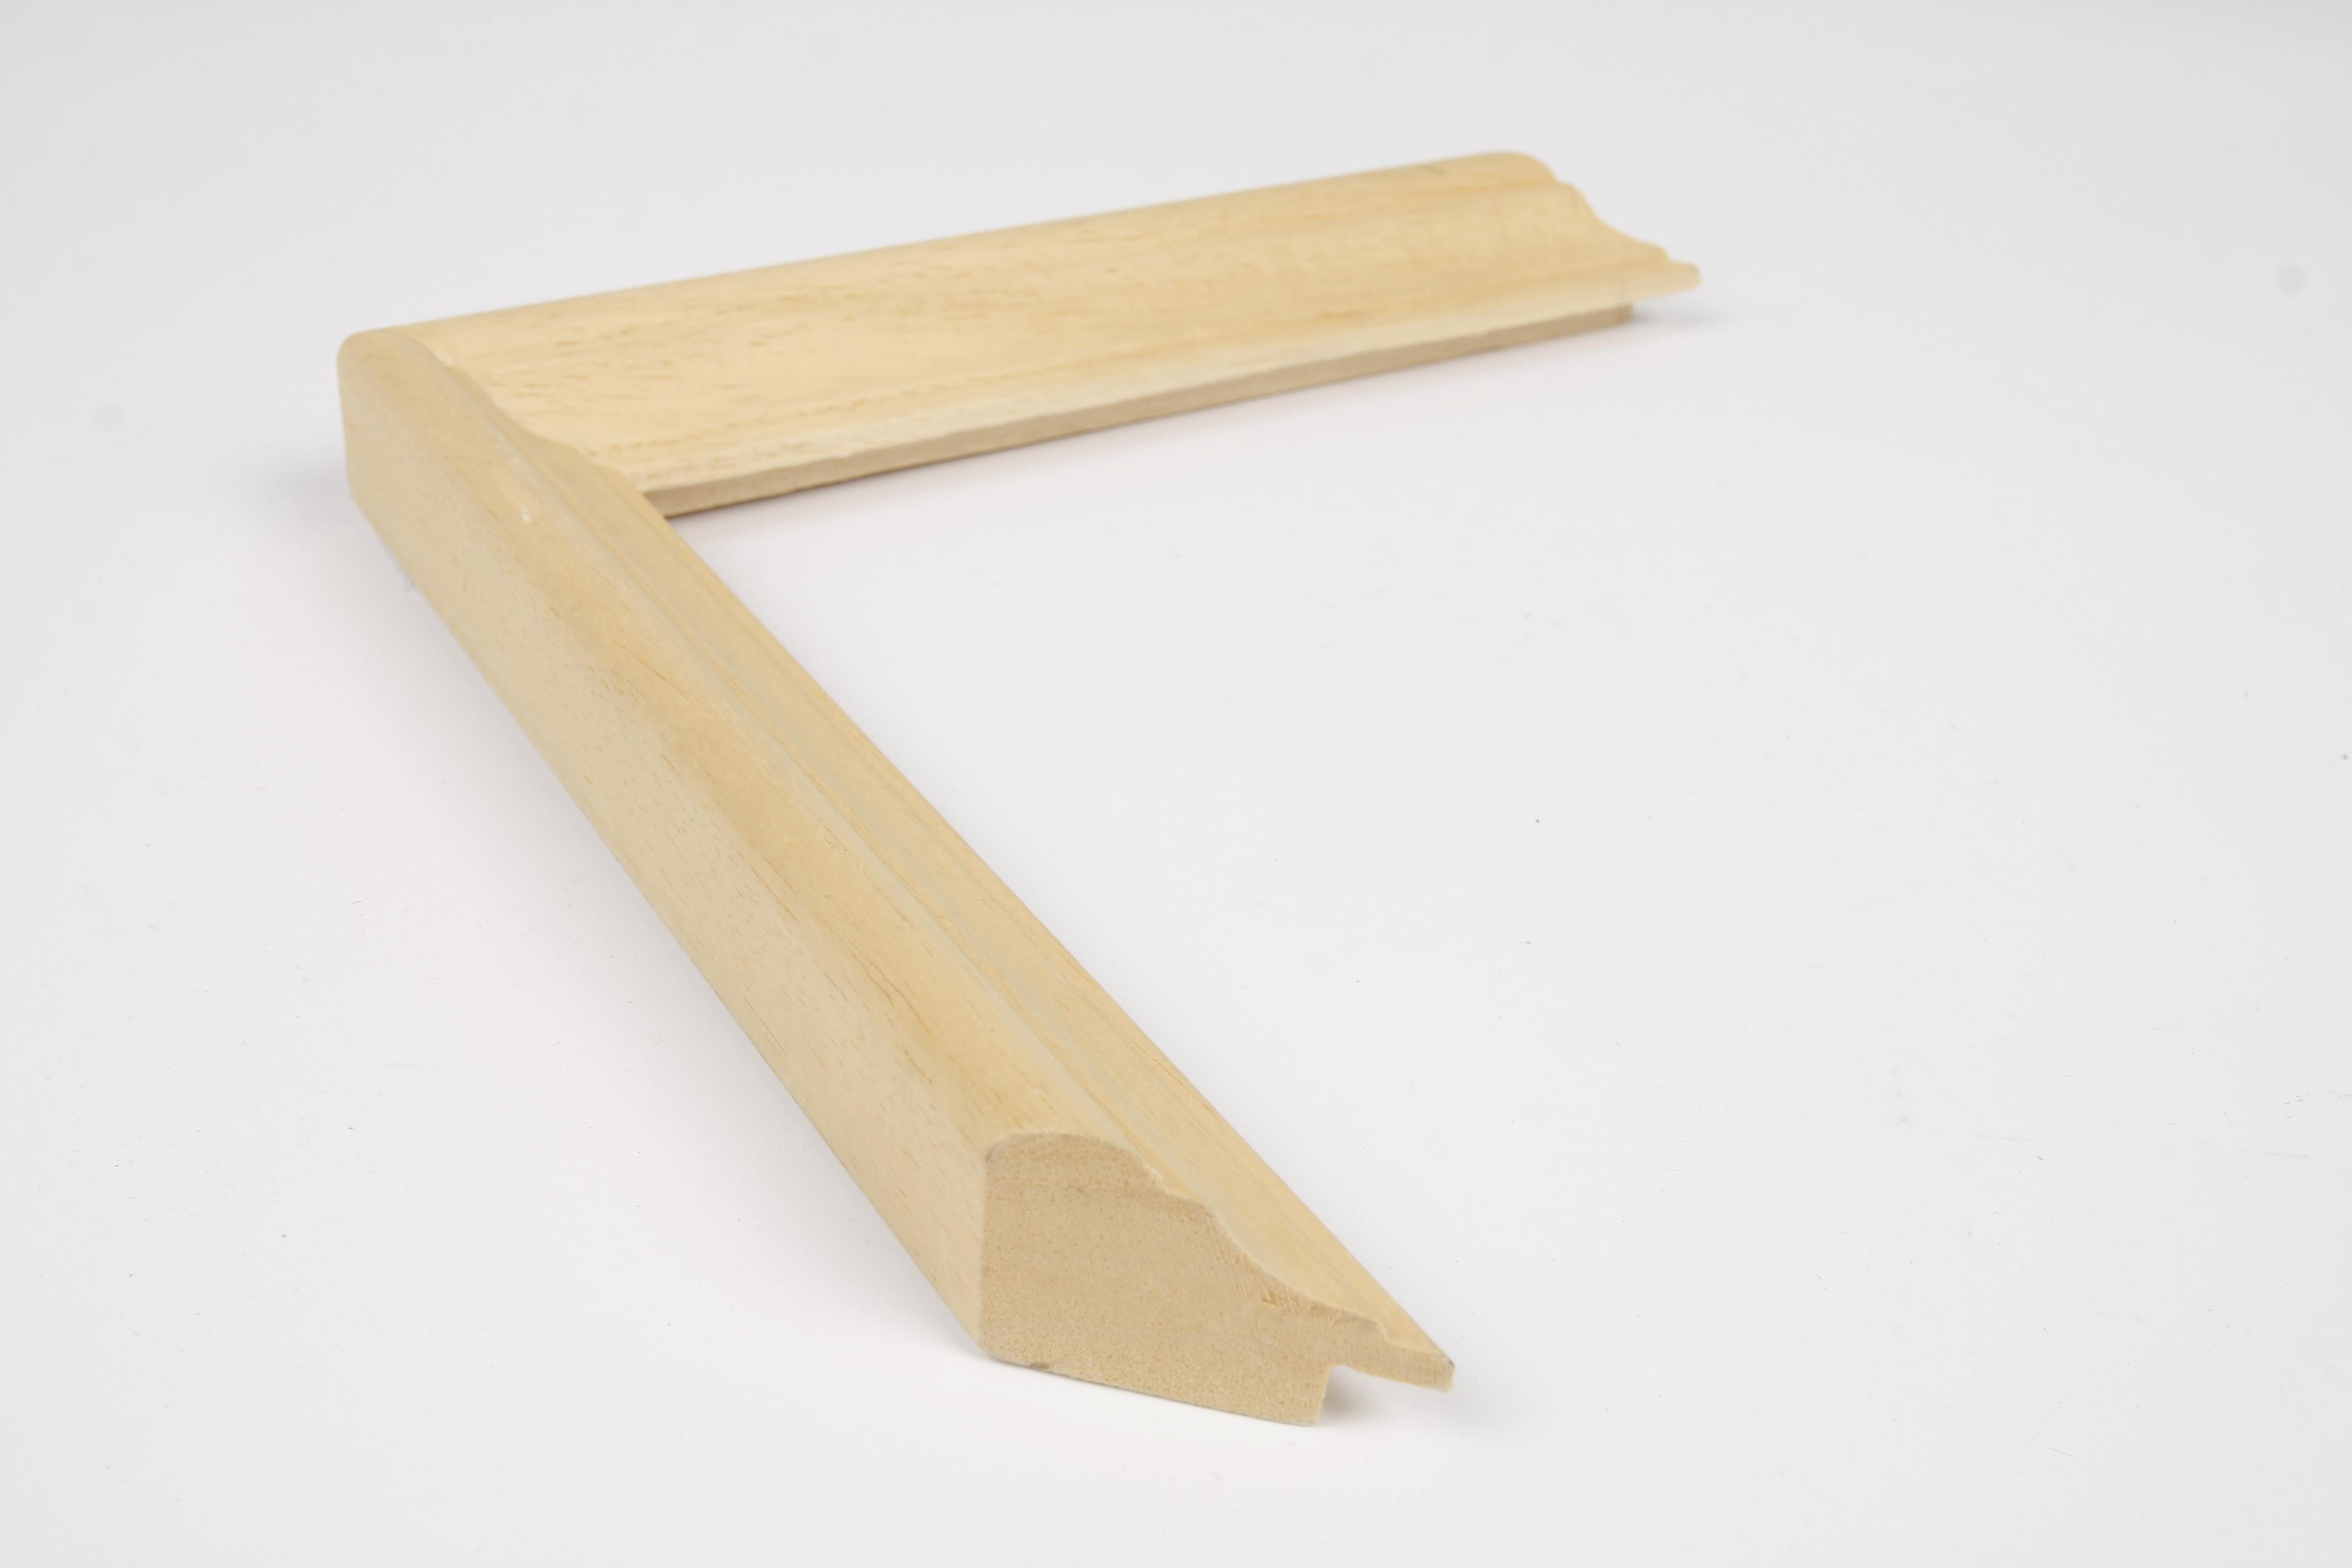 00024-MADERA-ancho2,6cm-perfil